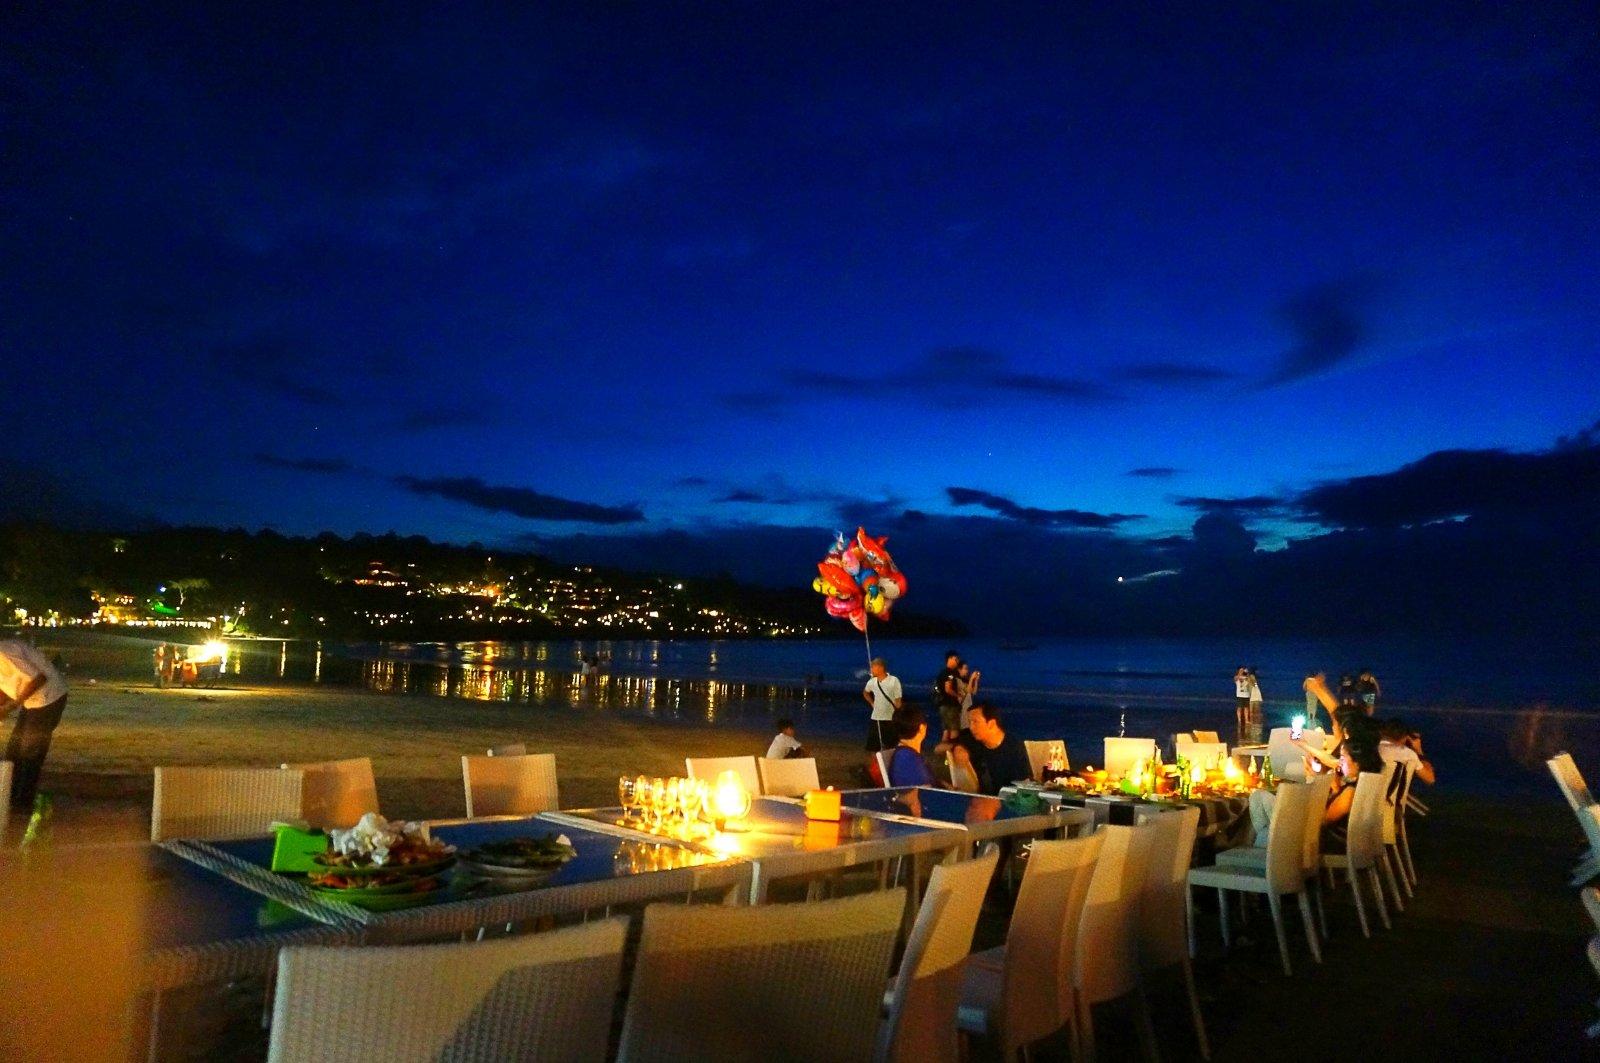 金巴兰海滩是巴厘岛比较出名的一个景点,傍晚的时候,我感觉一路上的